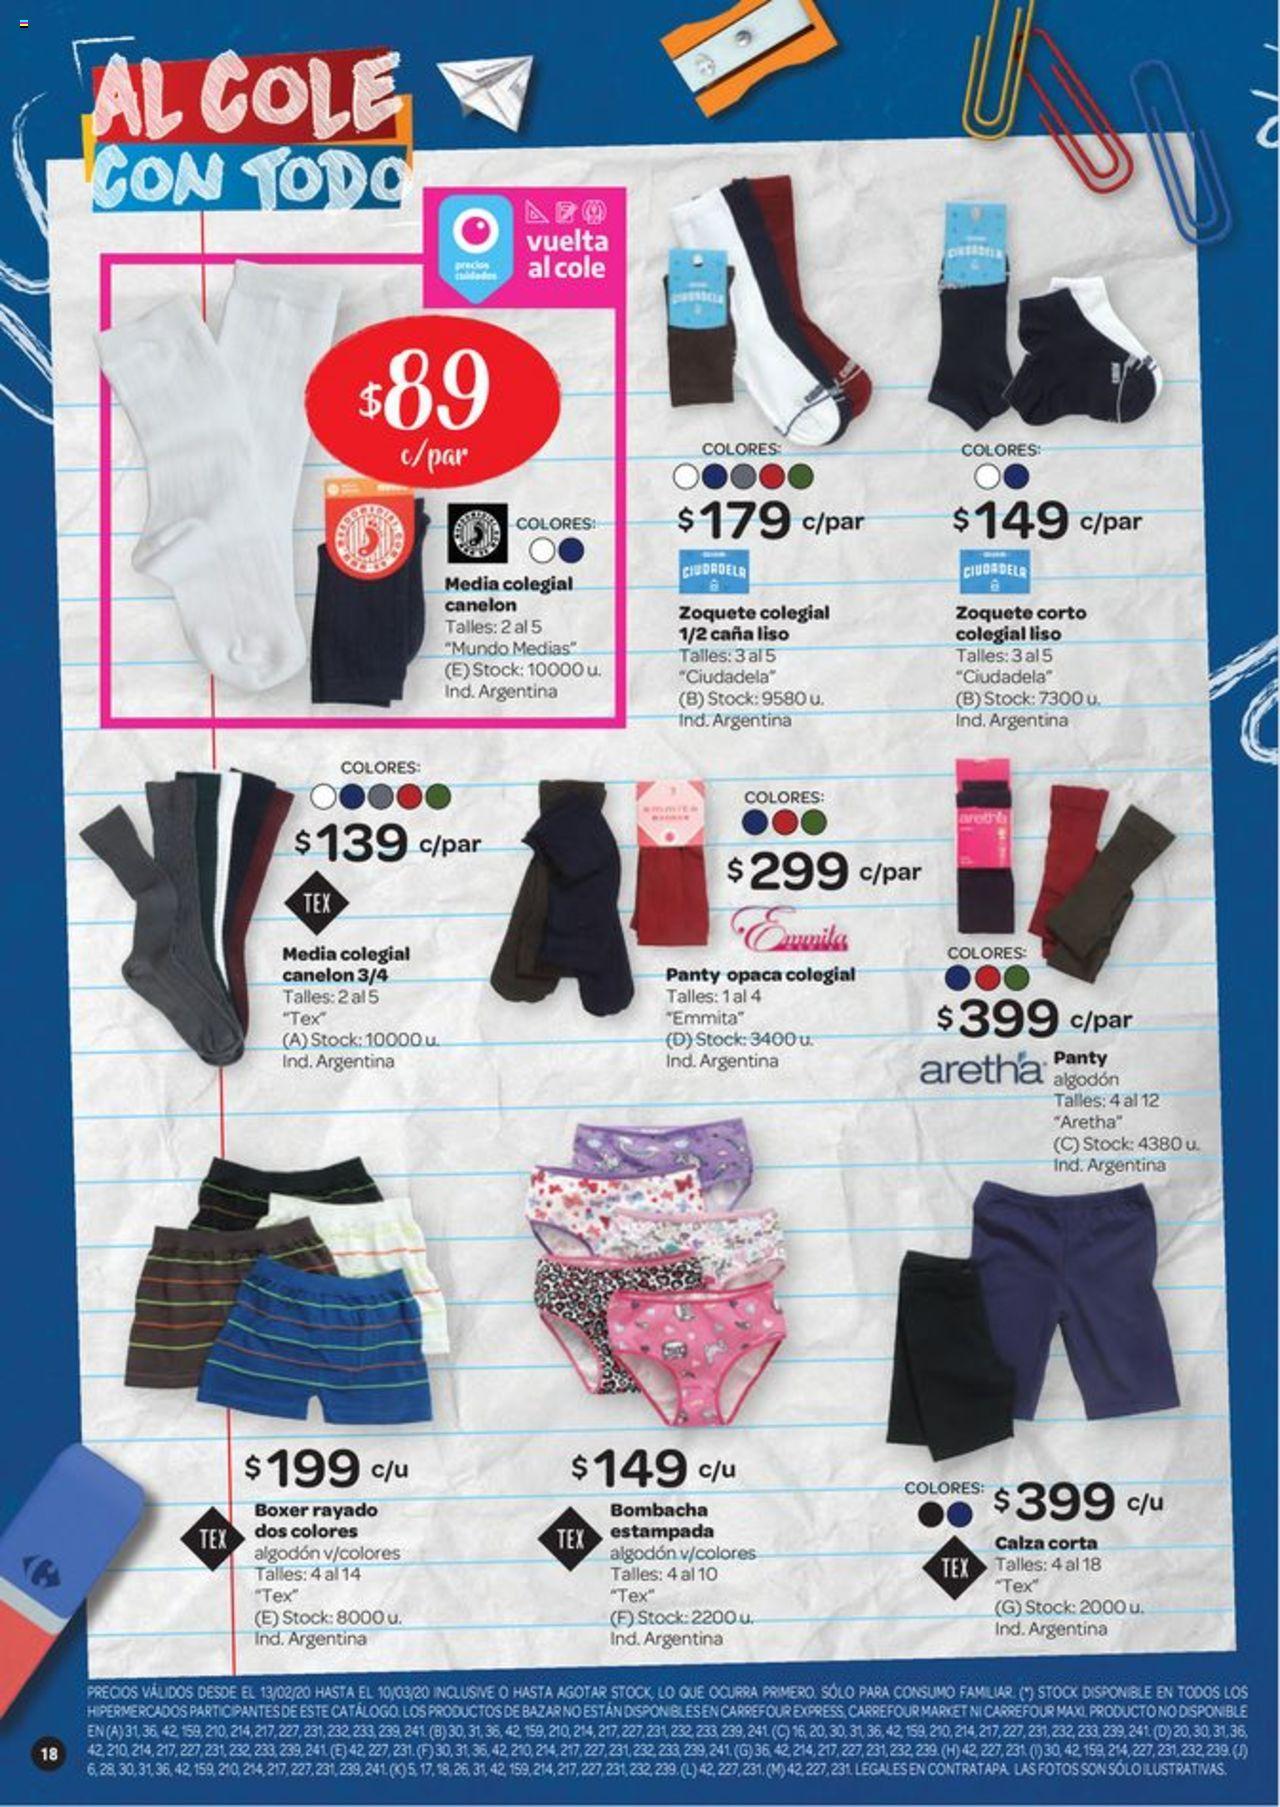 Carrefour Oferta válido desde el 13/02/2020 número de página 1 | Página: 18